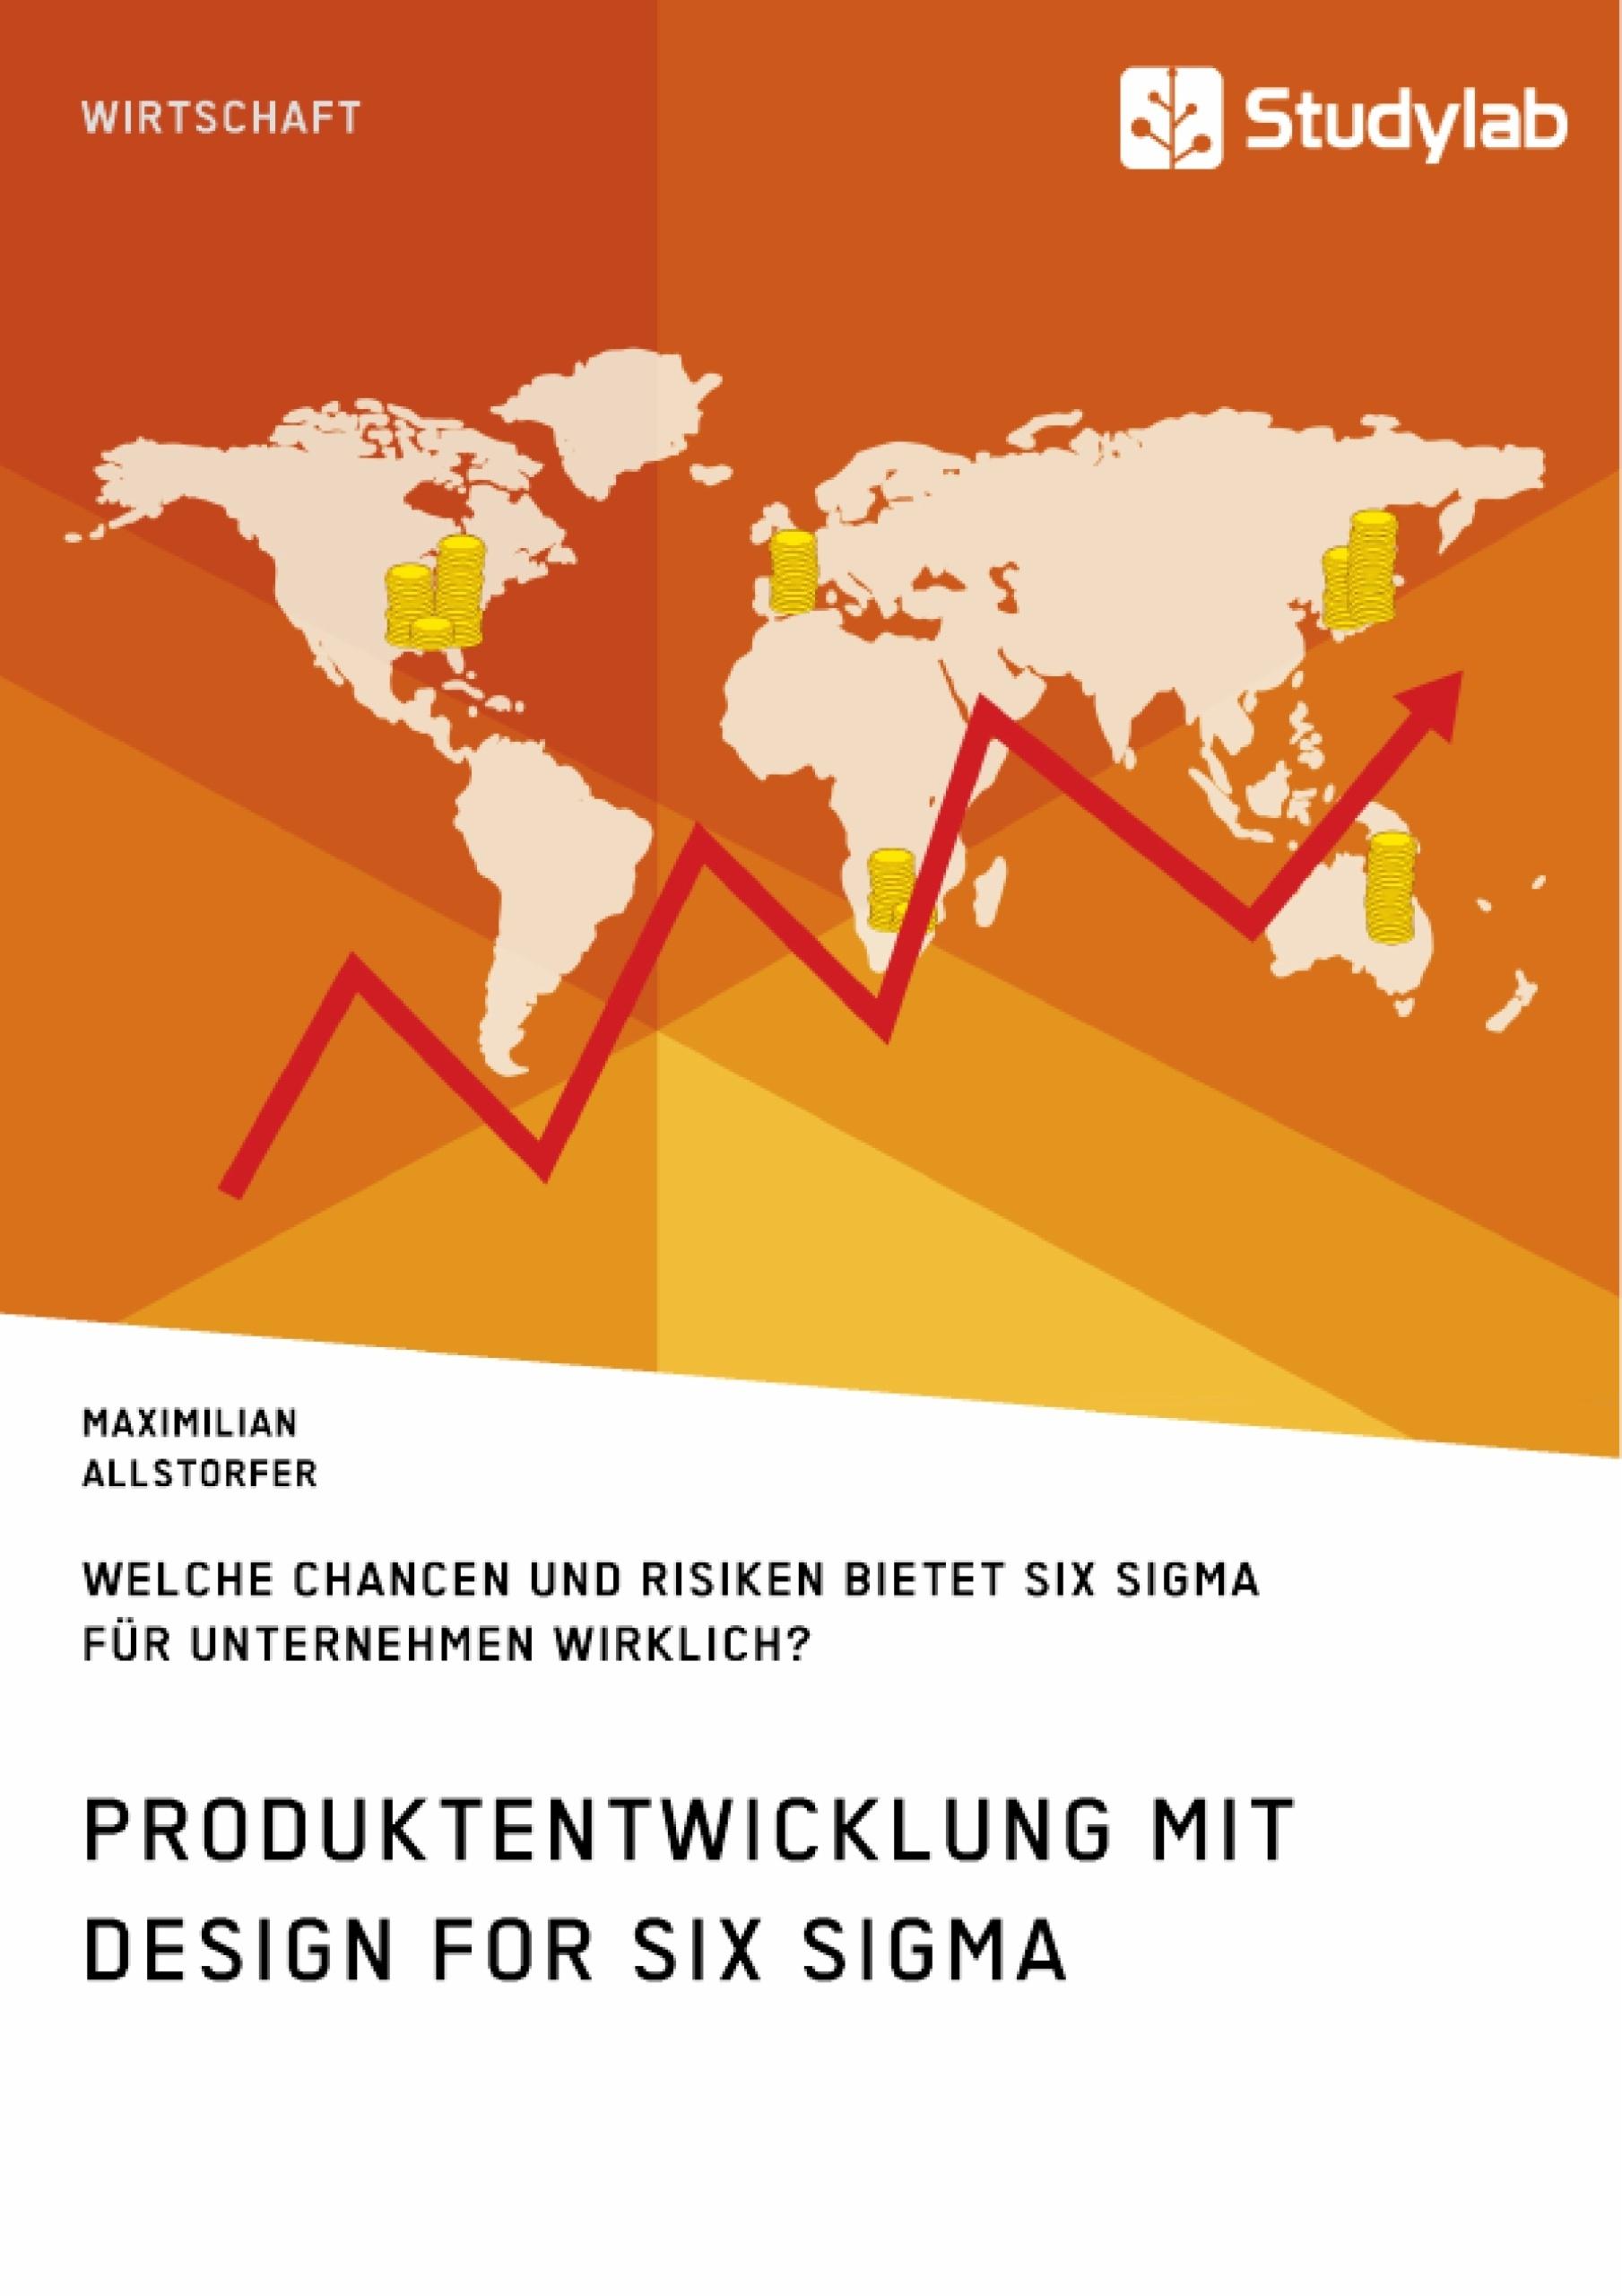 Titel: Produktentwicklung mit Design for Six Sigma. Welche Chancen und Risiken bietet Six Sigma für Unternehmen wirklich?